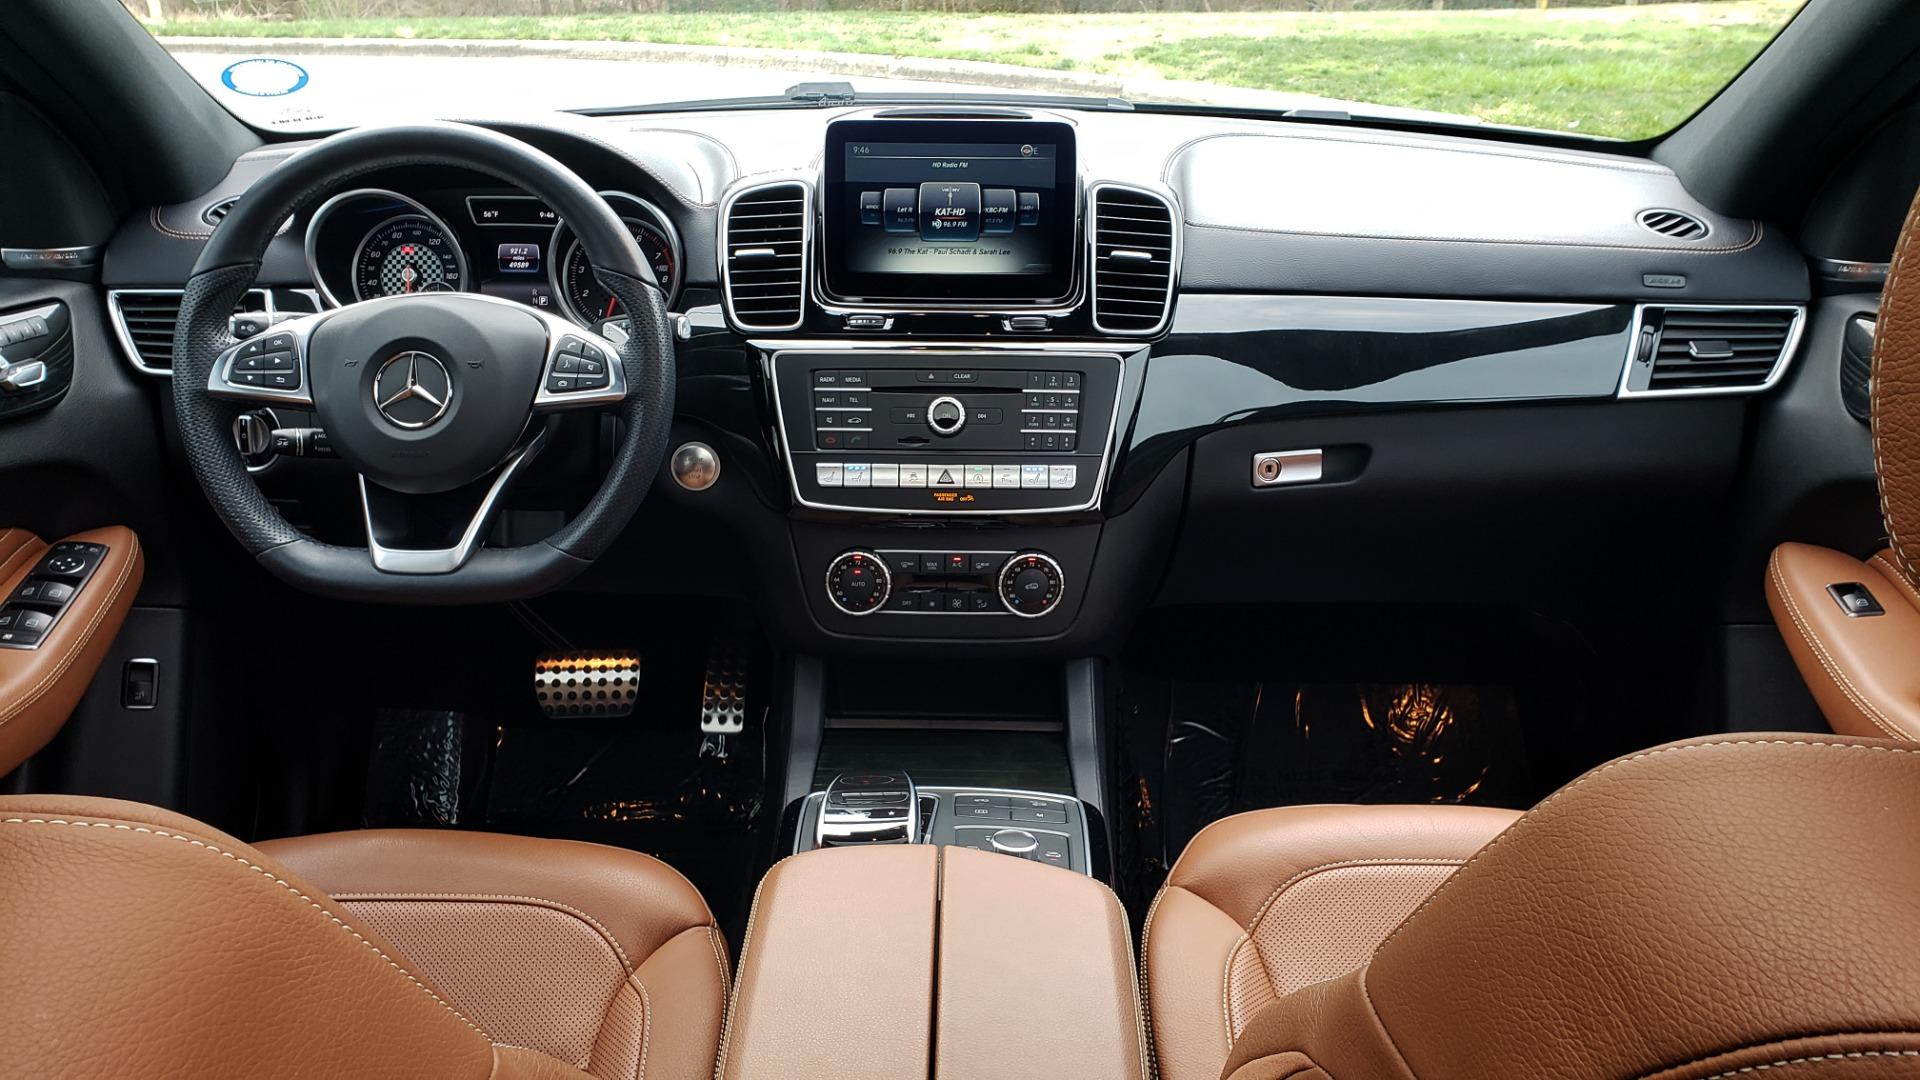 Used 2016 Mercedes-Benz GLE 450 AMG / AWD / PREM PKG / PARK ASST / DRVR ASST / SUNROOF for sale Sold at Formula Imports in Charlotte NC 28227 85